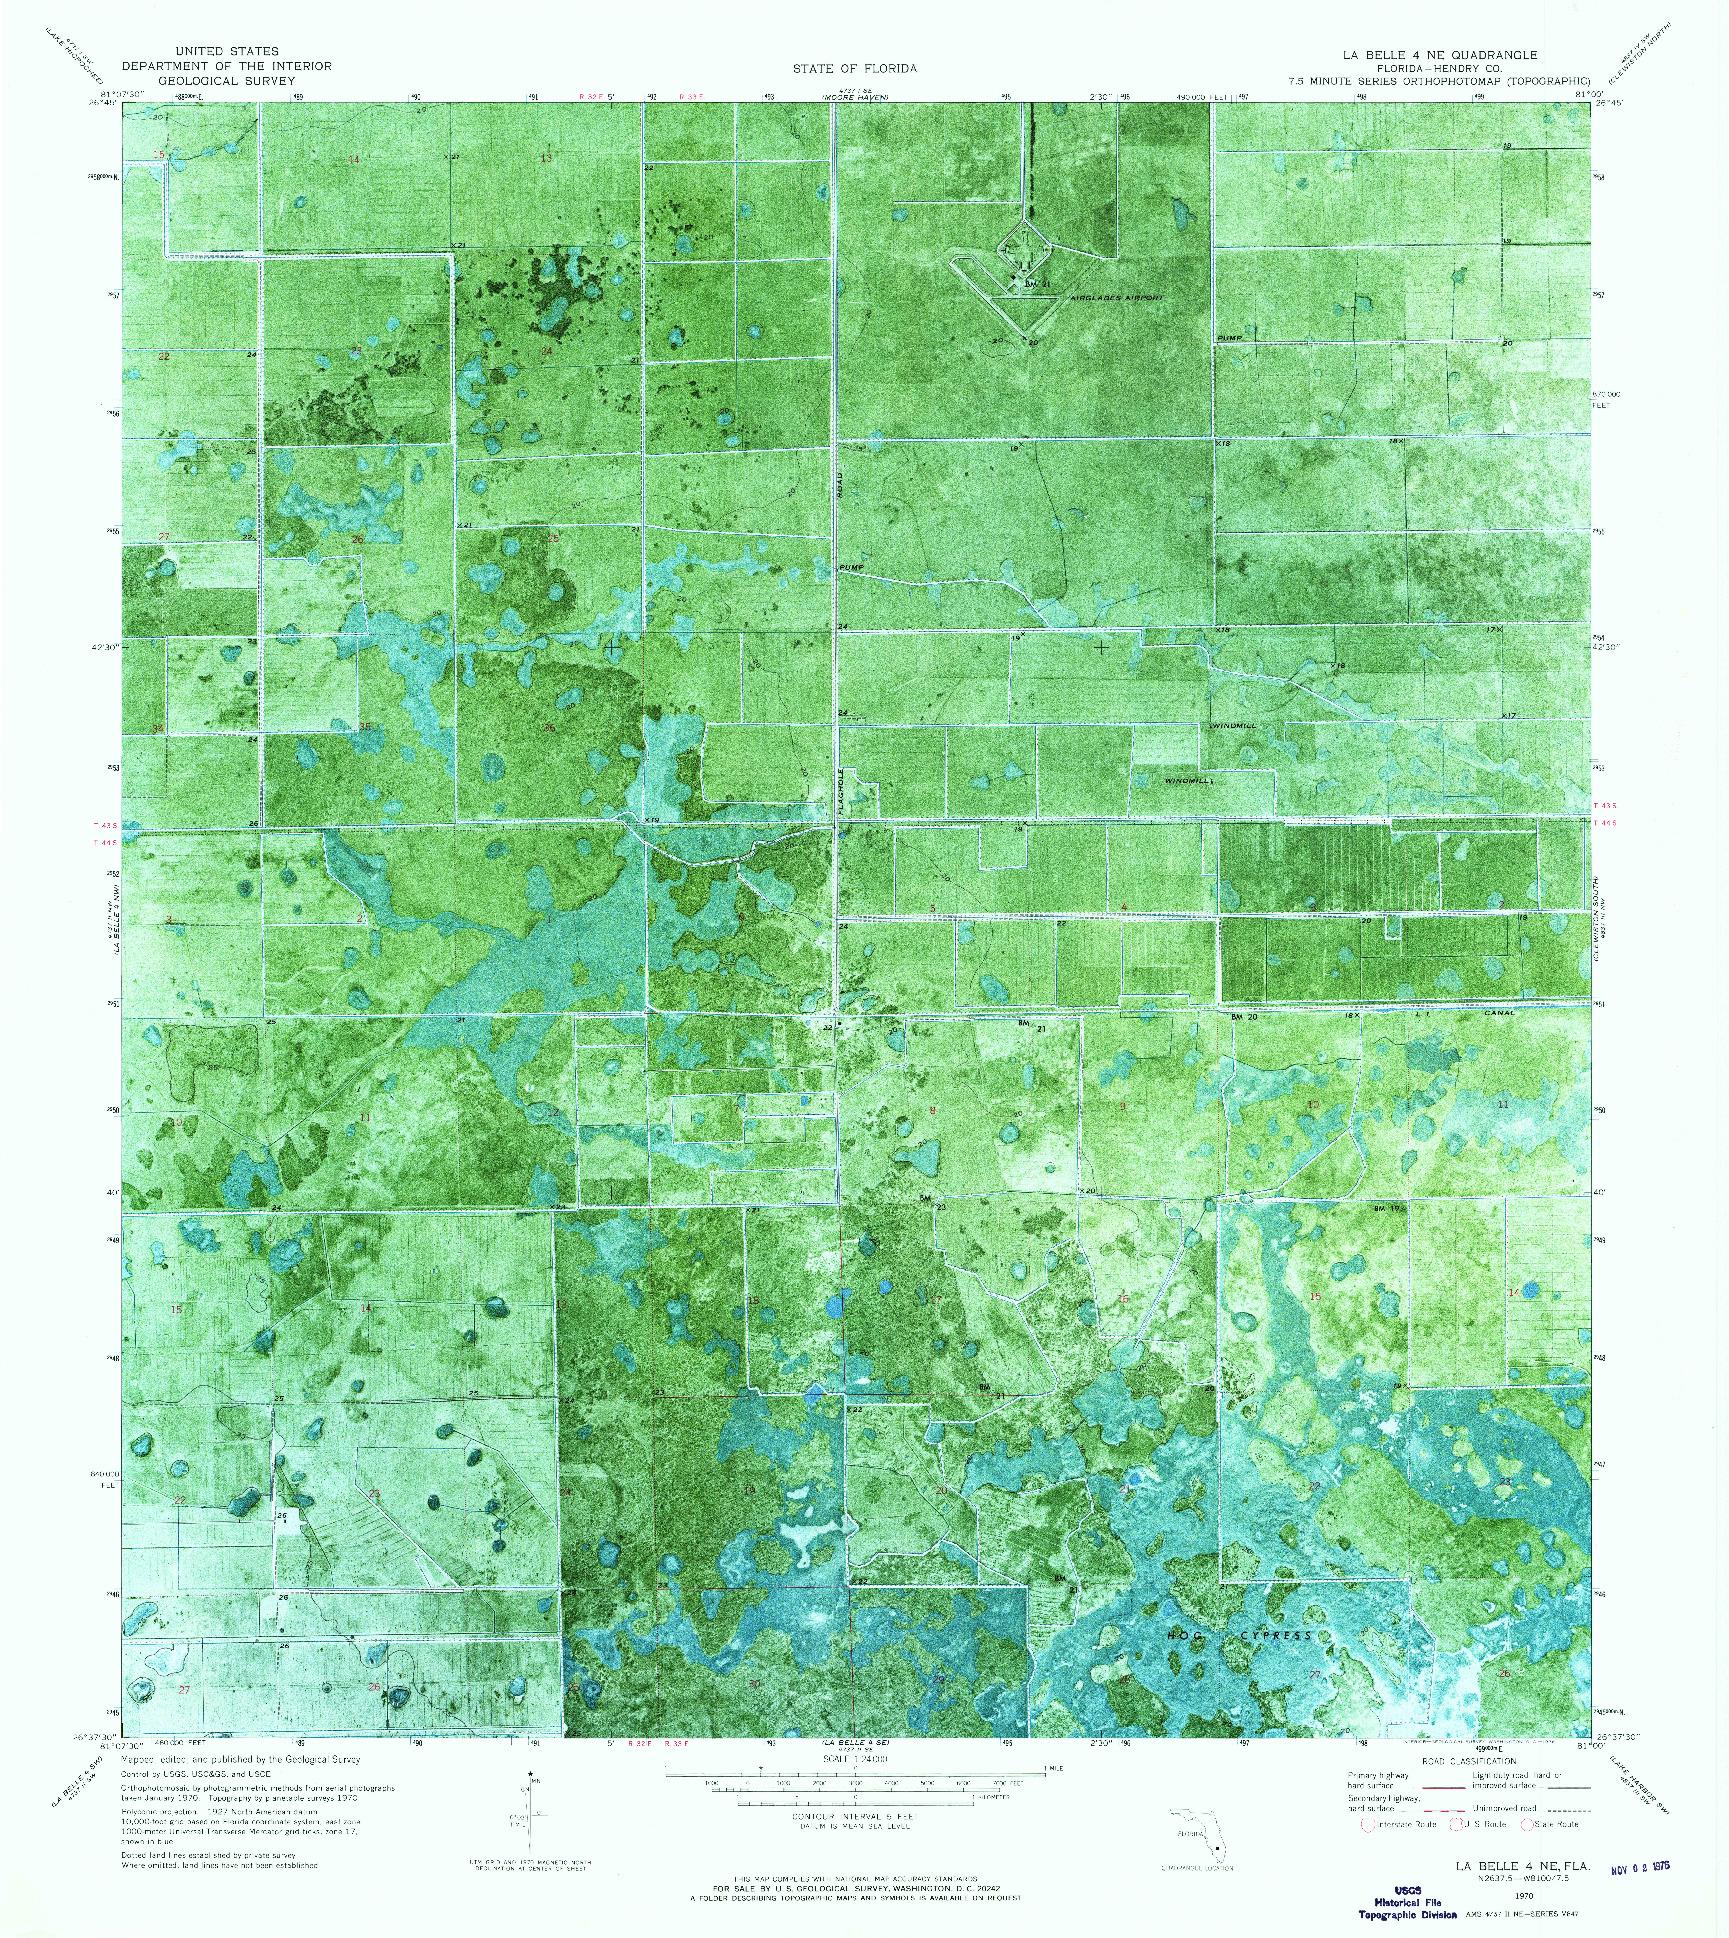 USGS 1:24000-SCALE QUADRANGLE FOR LA BELLE 4 NE, FL 1970